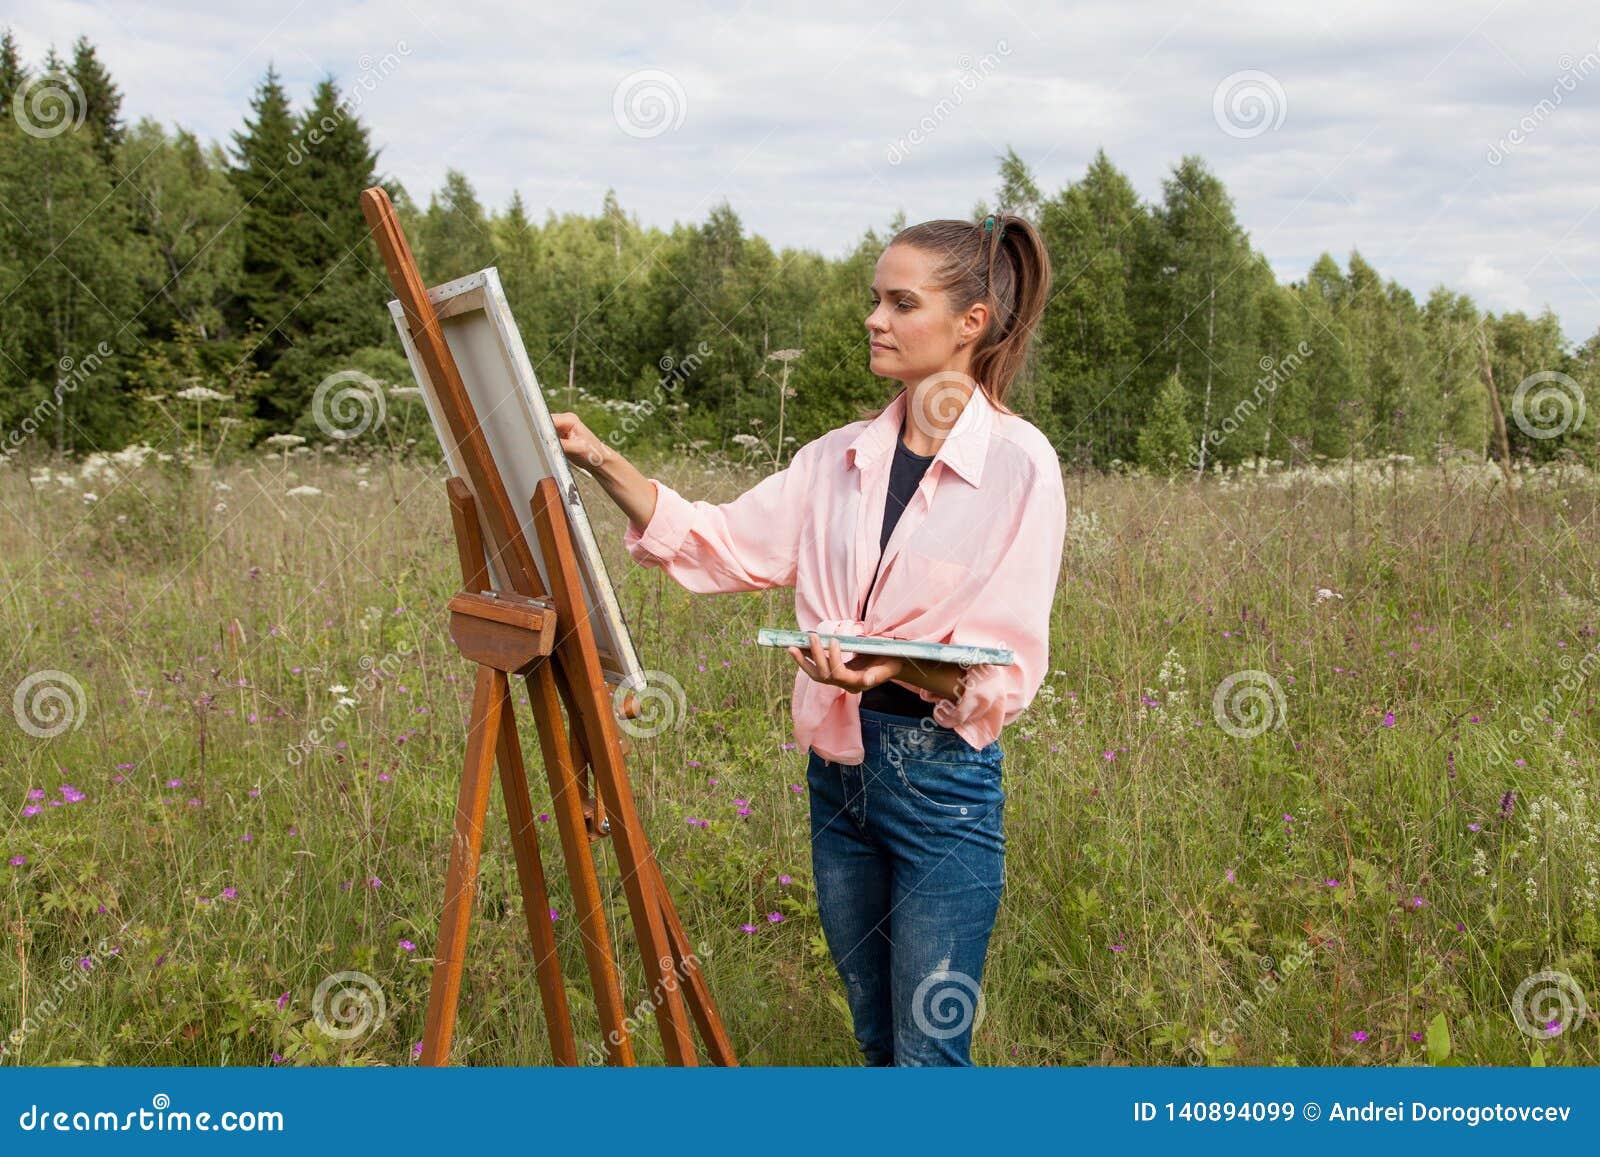 Artysta maluje obrazek w polu